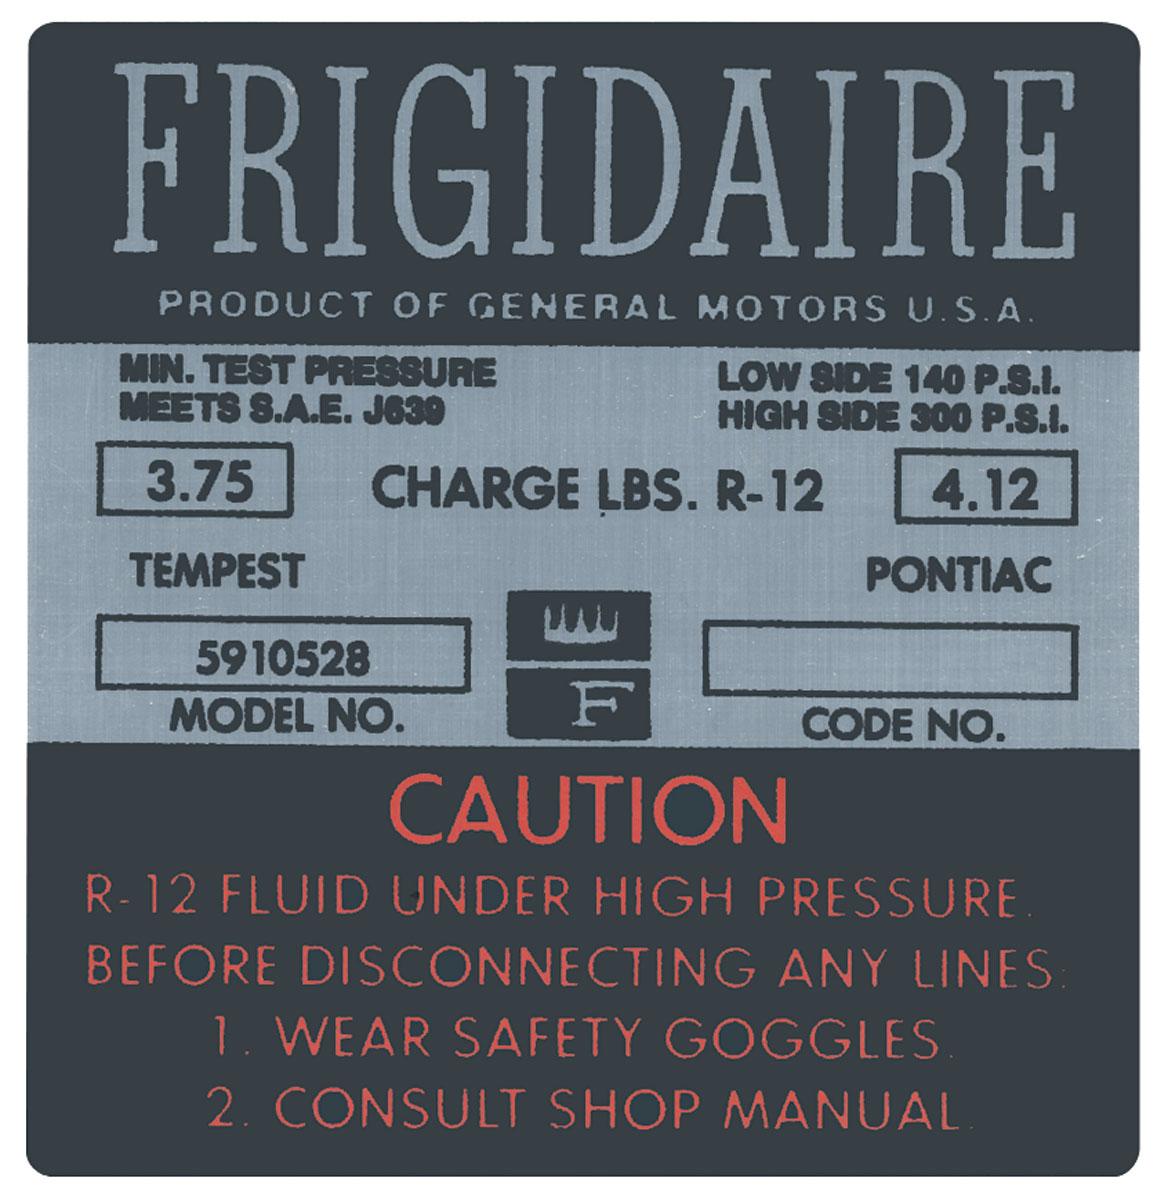 Decal, 66 Pontiac, Air Conditioning Compressor, Frigidaire